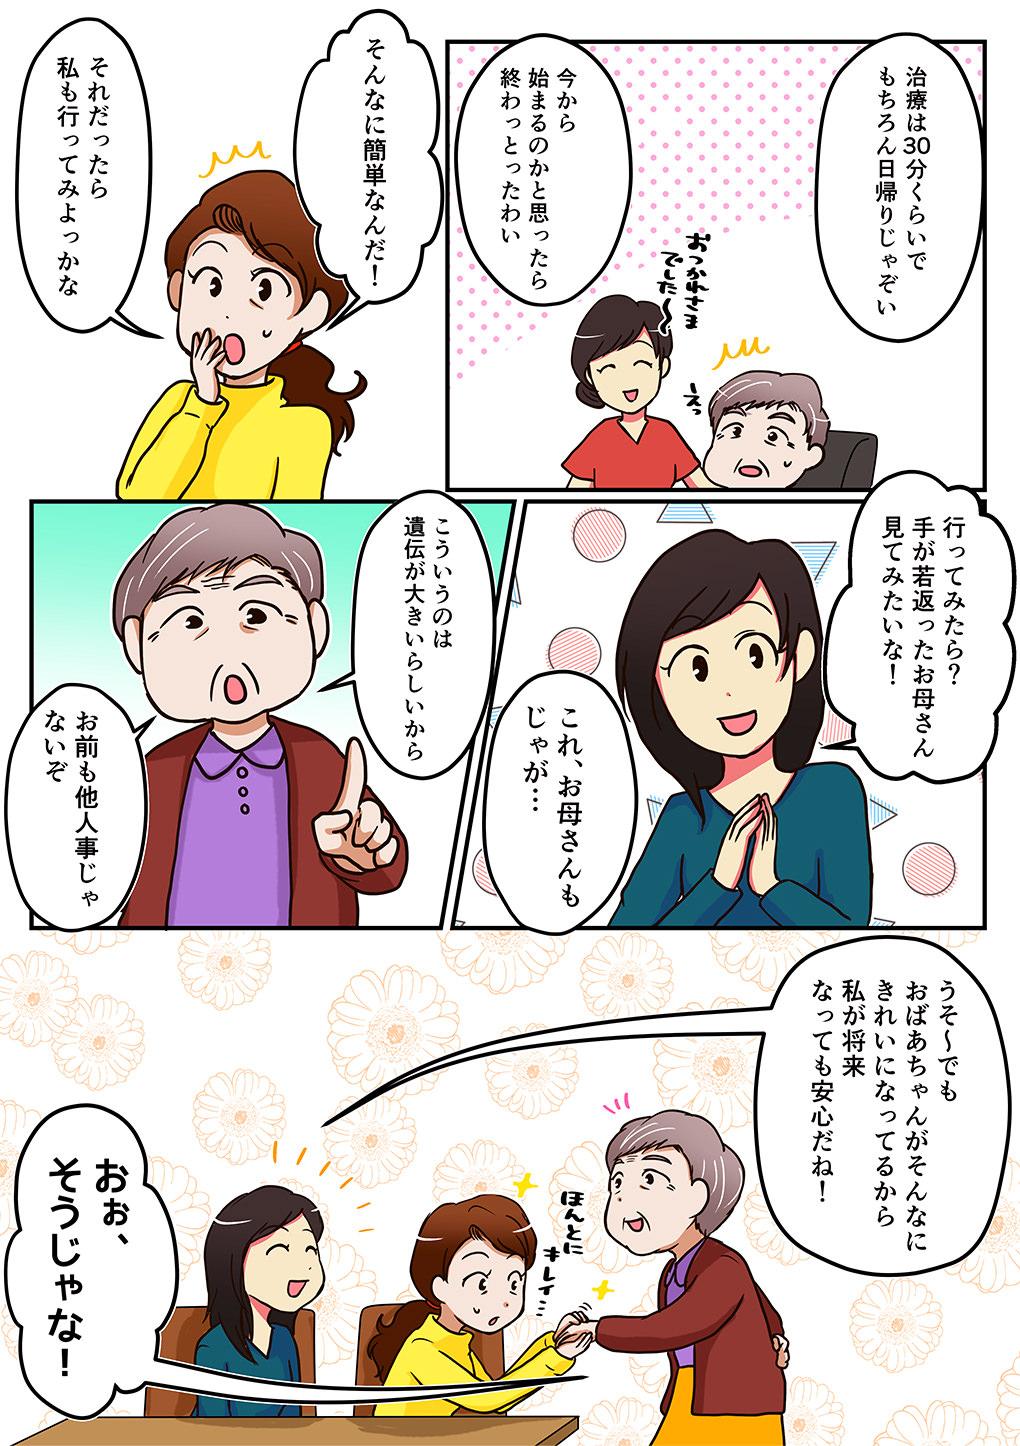 ハンドベイン漫画3